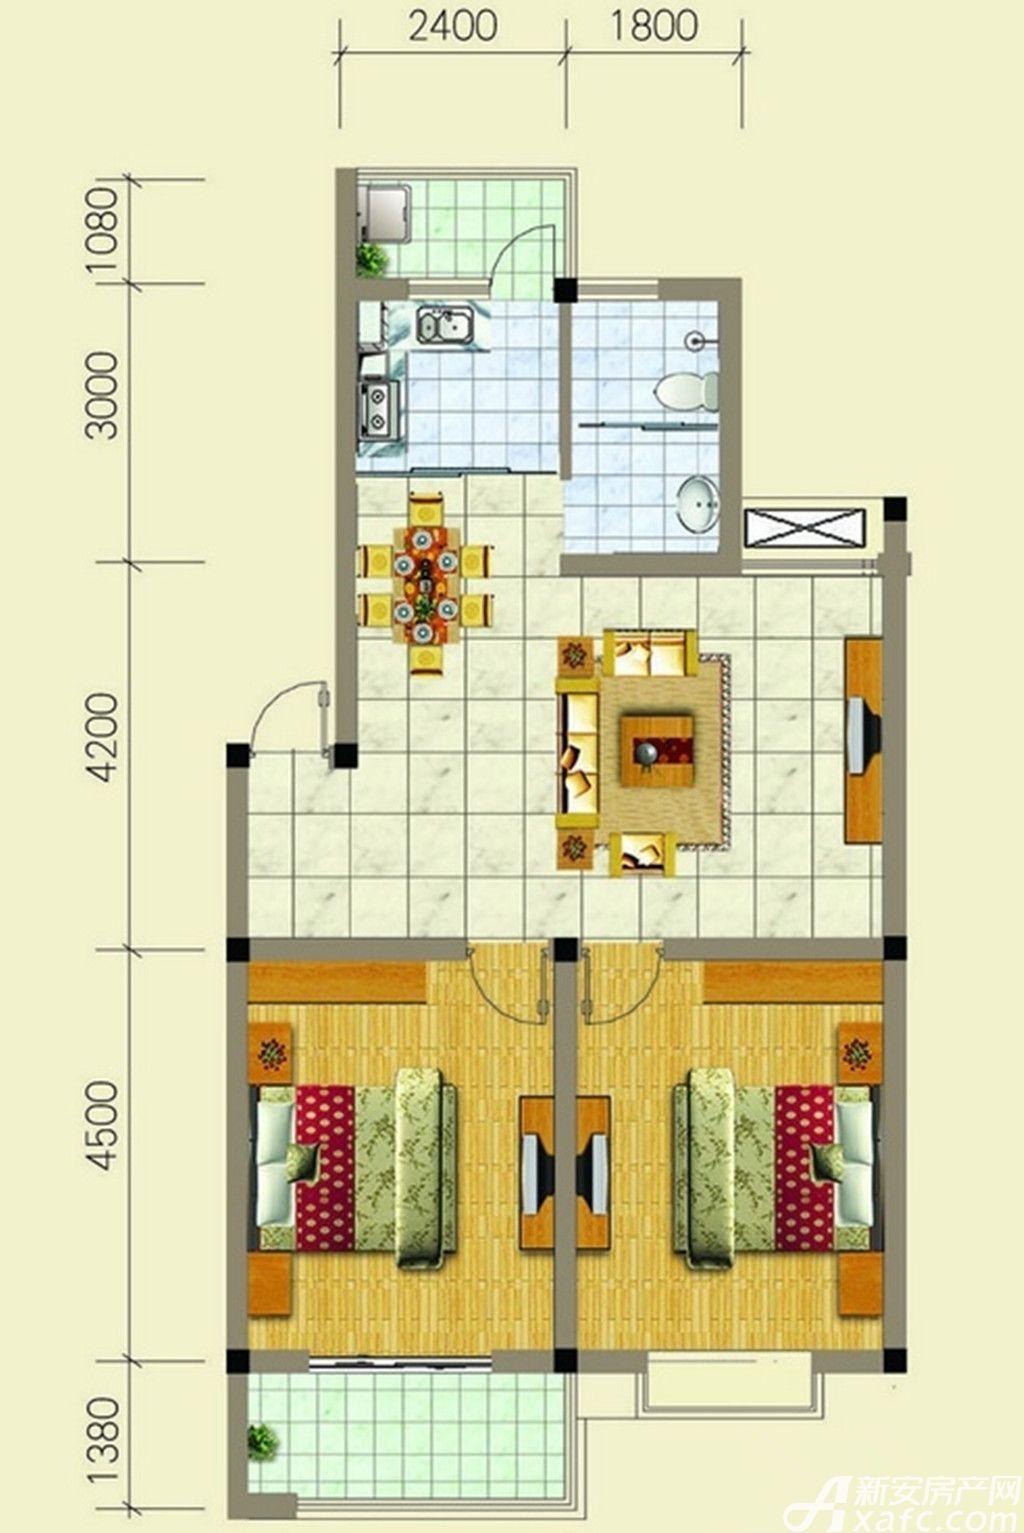 梧桐雅苑F户型2室2厅85平米